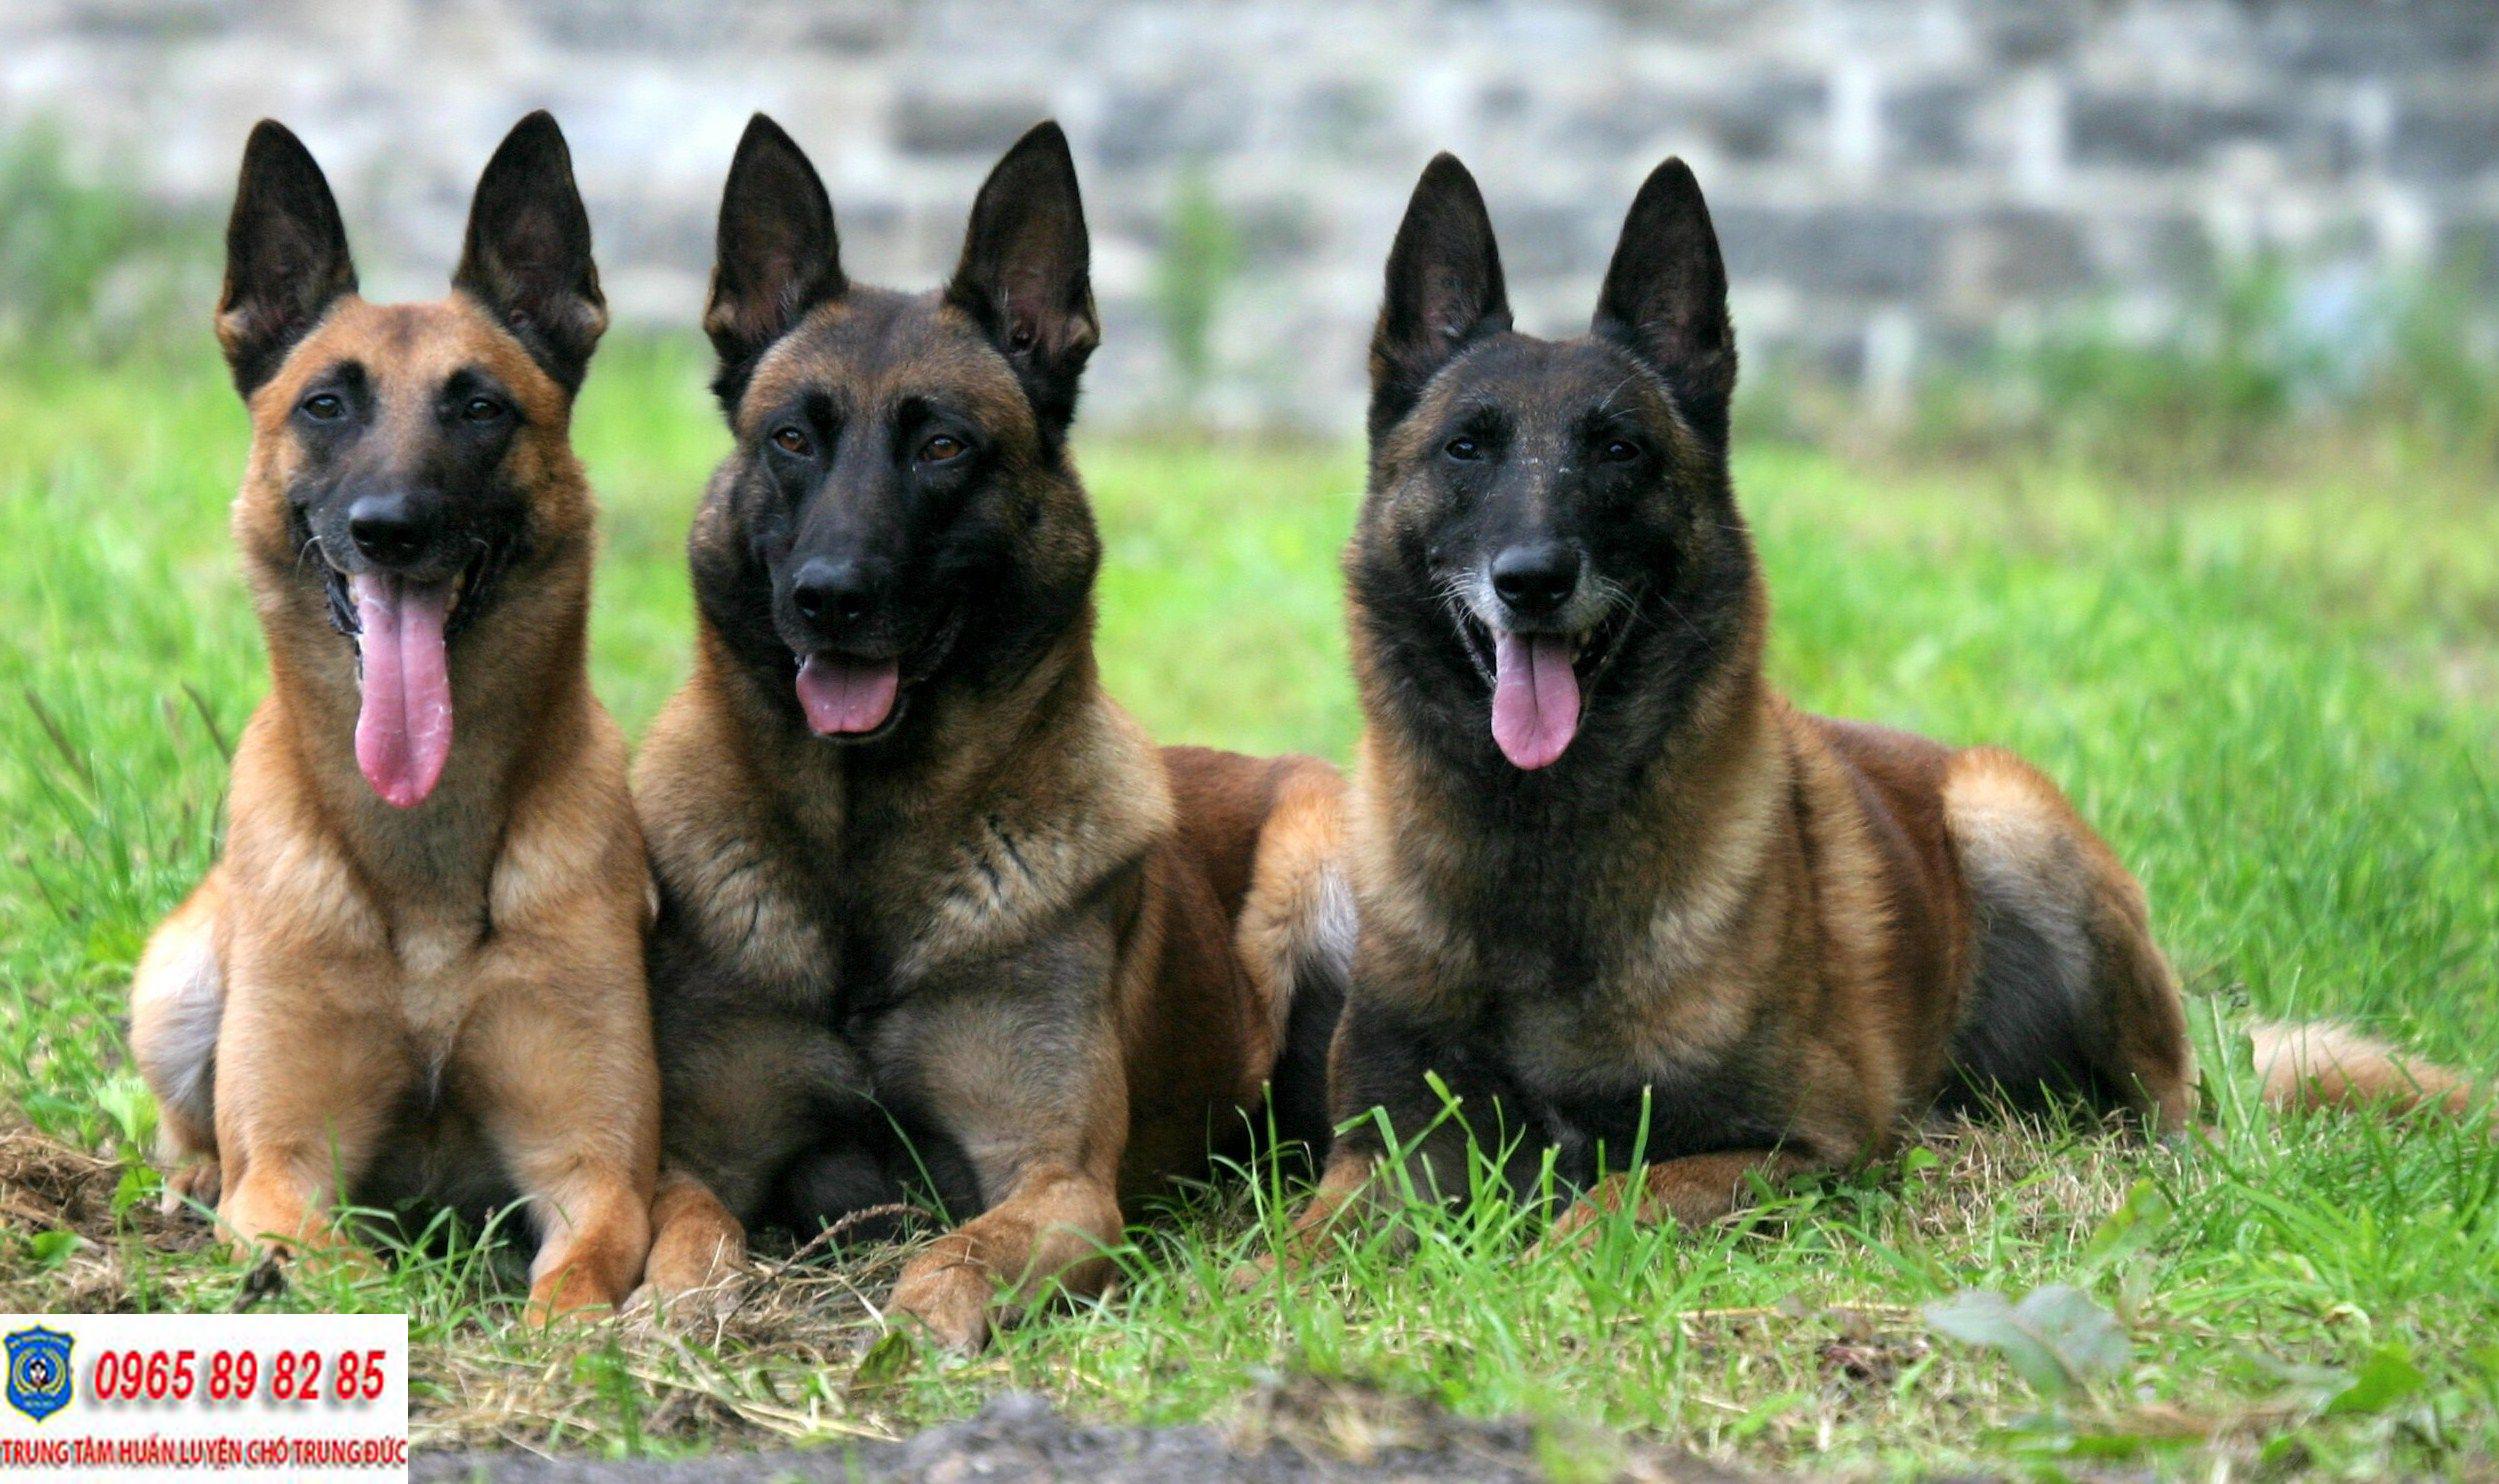 Trung tâm huấn luyện chó Quận 3